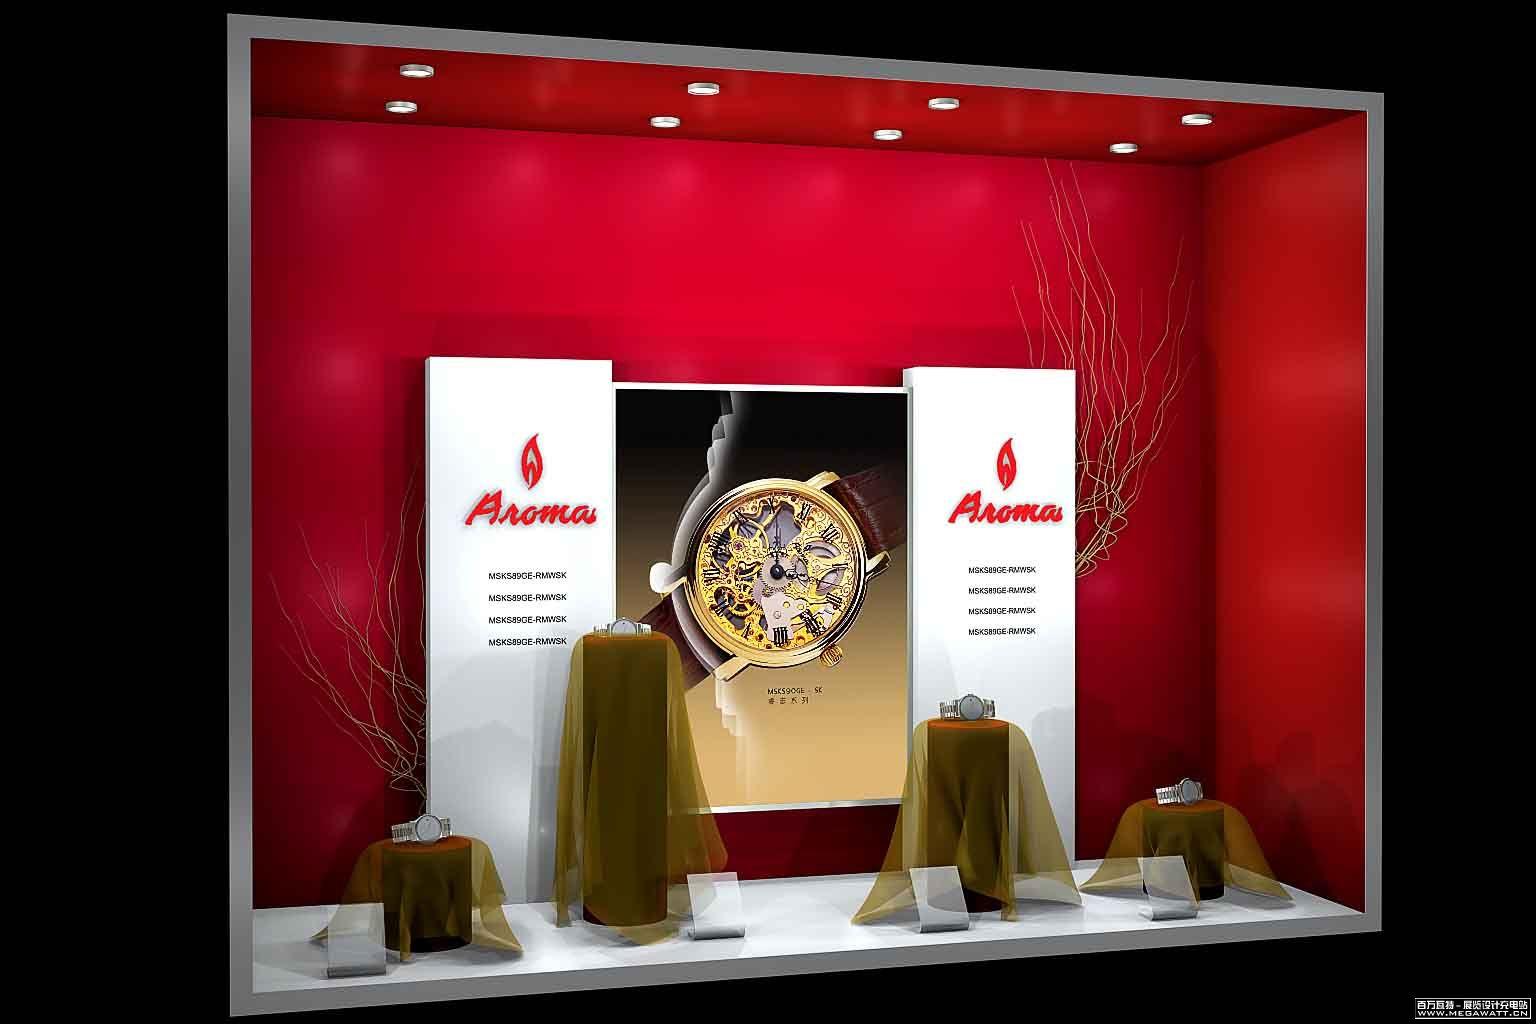 手表橱窗:大家都说,橱窗是一个非常讲究的一门设计